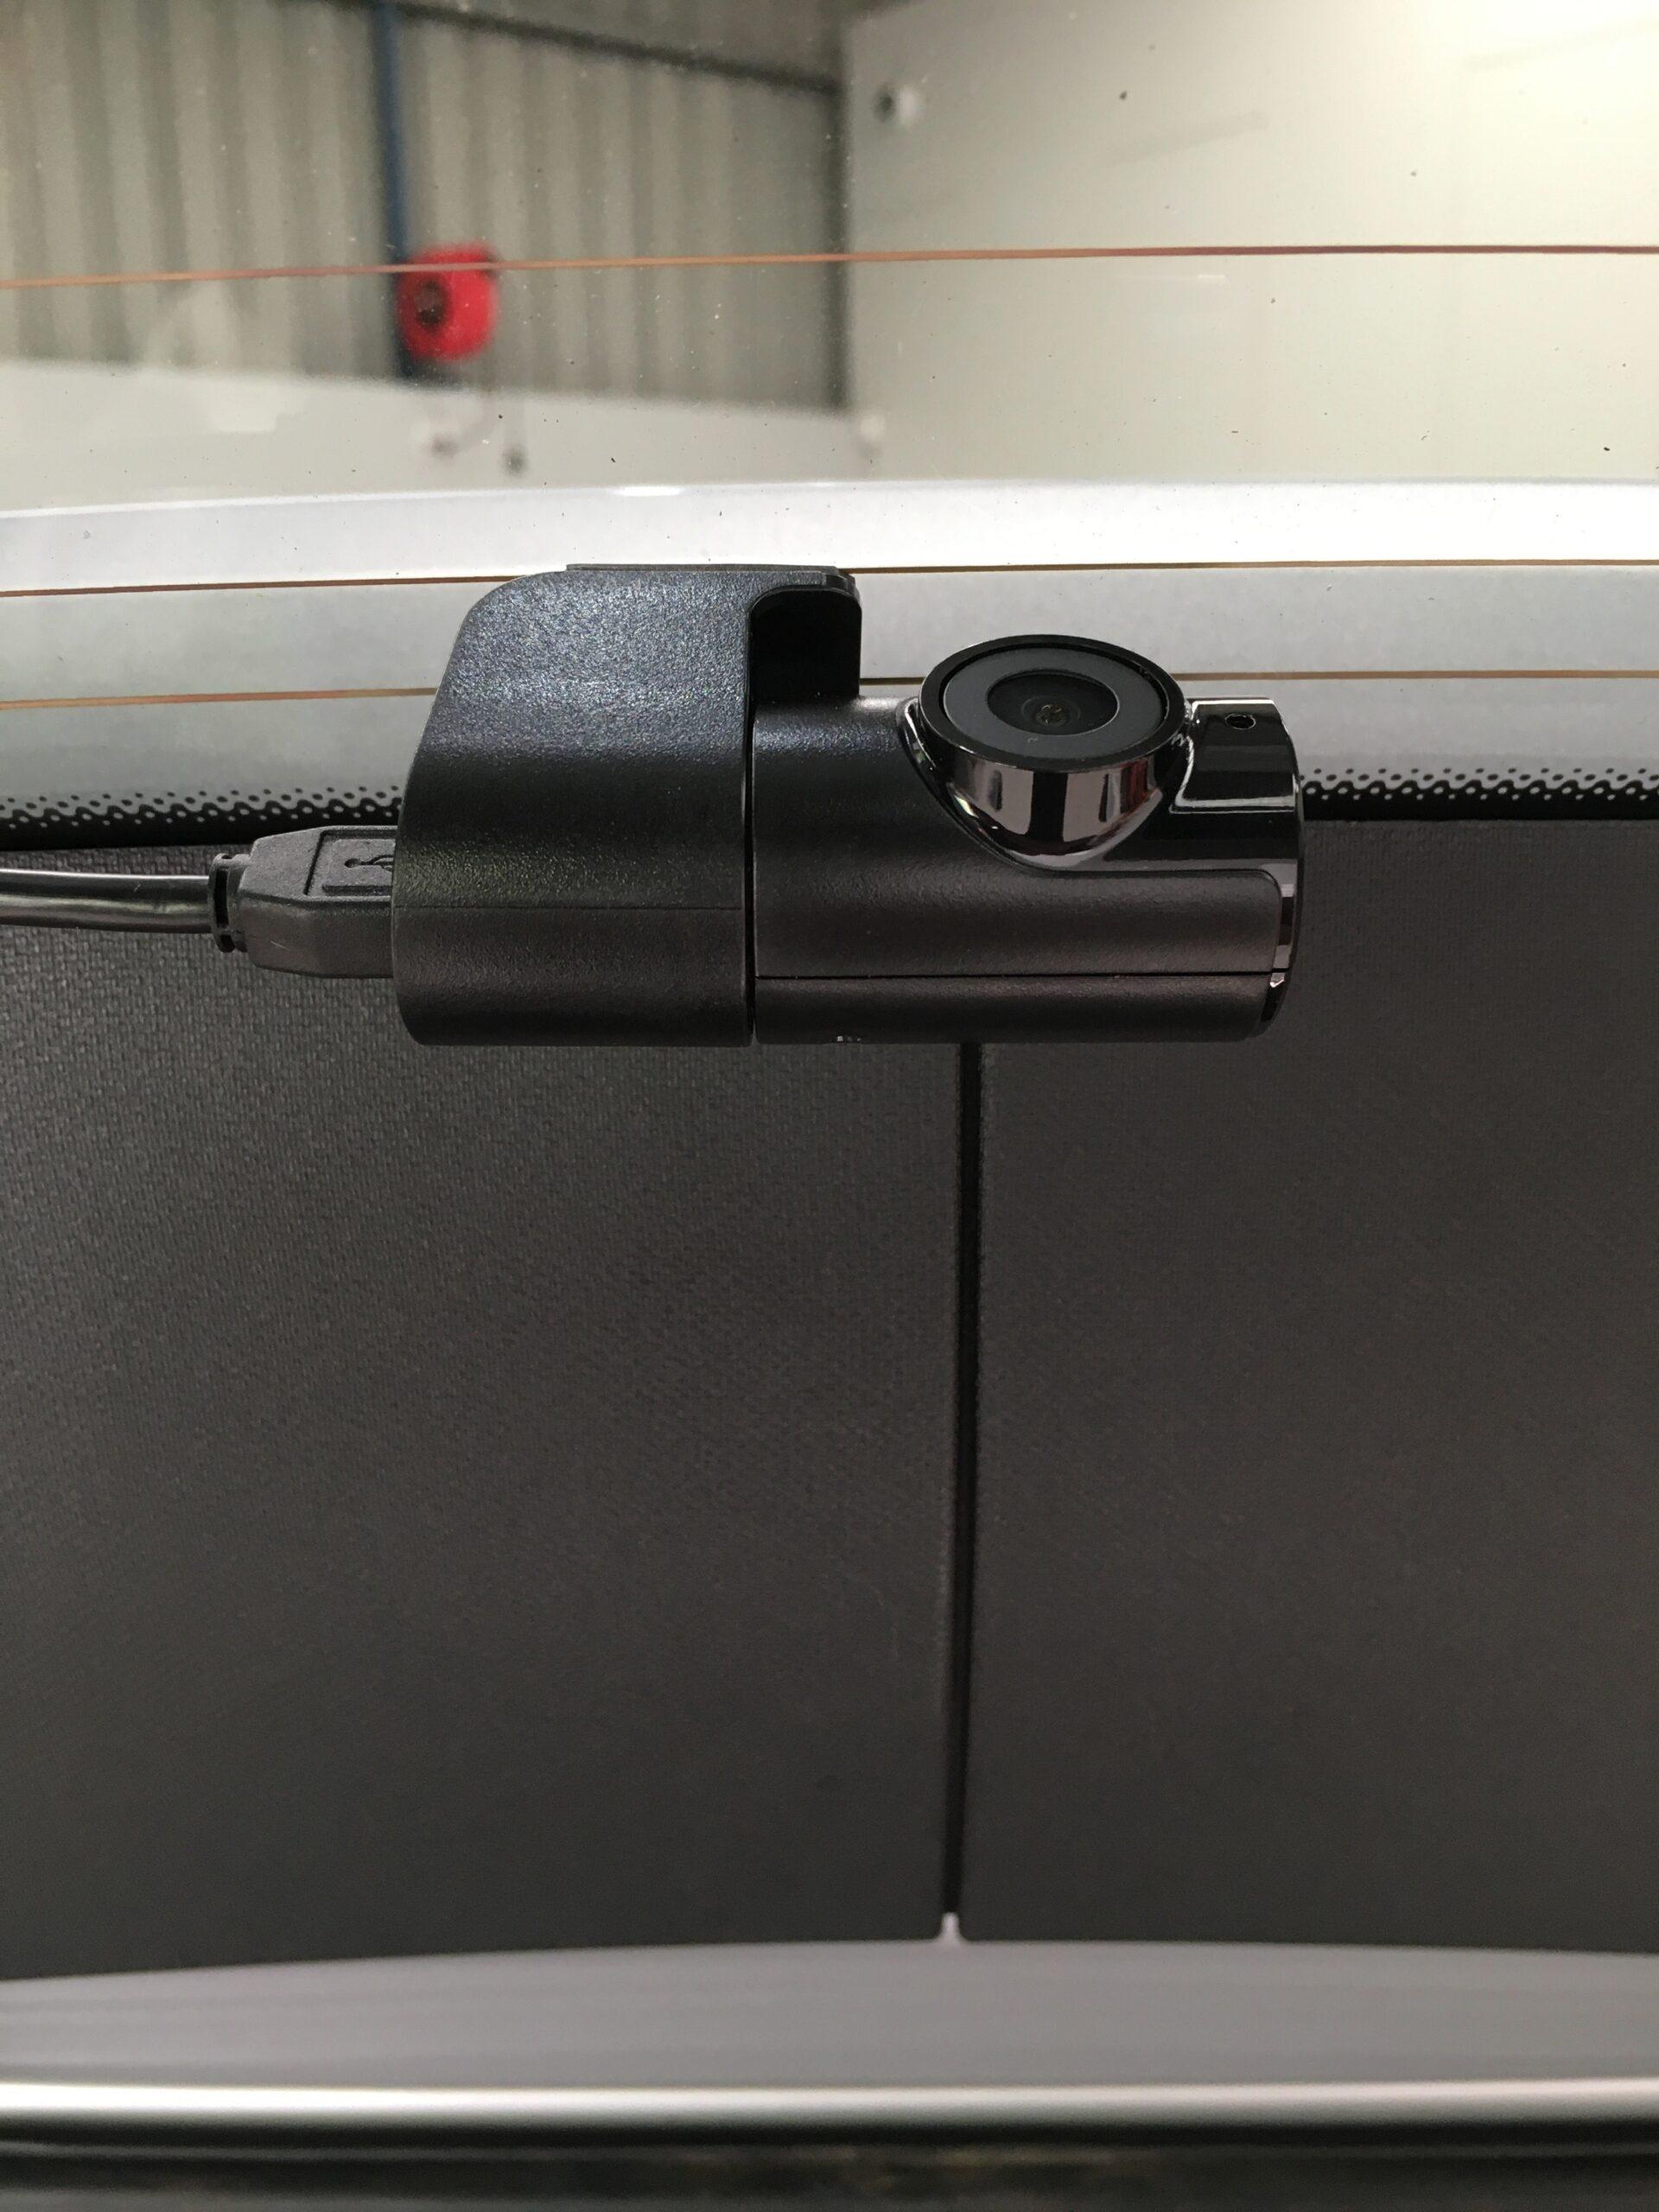 u1000 rear camera installation